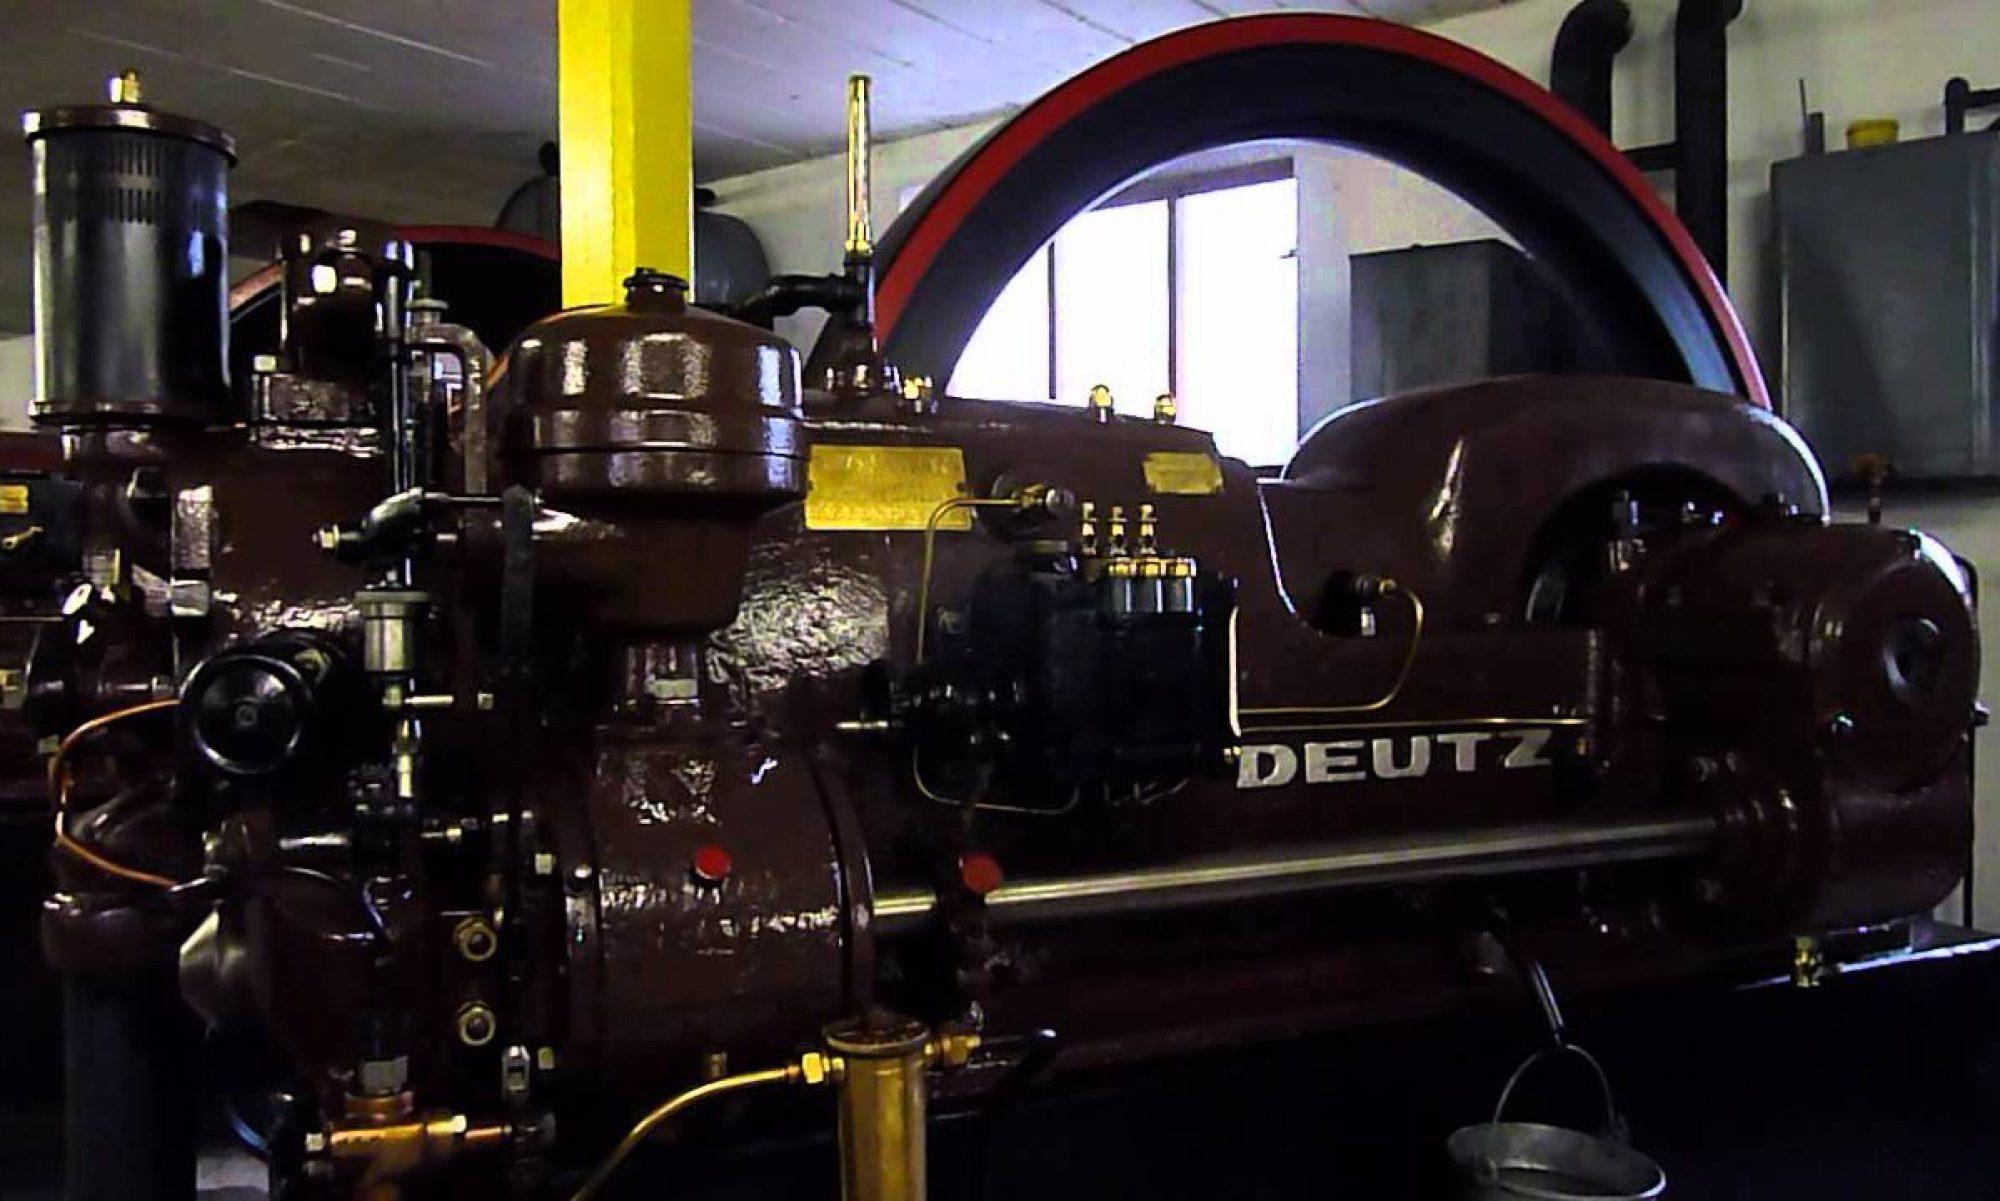 Deutz Club Nederland